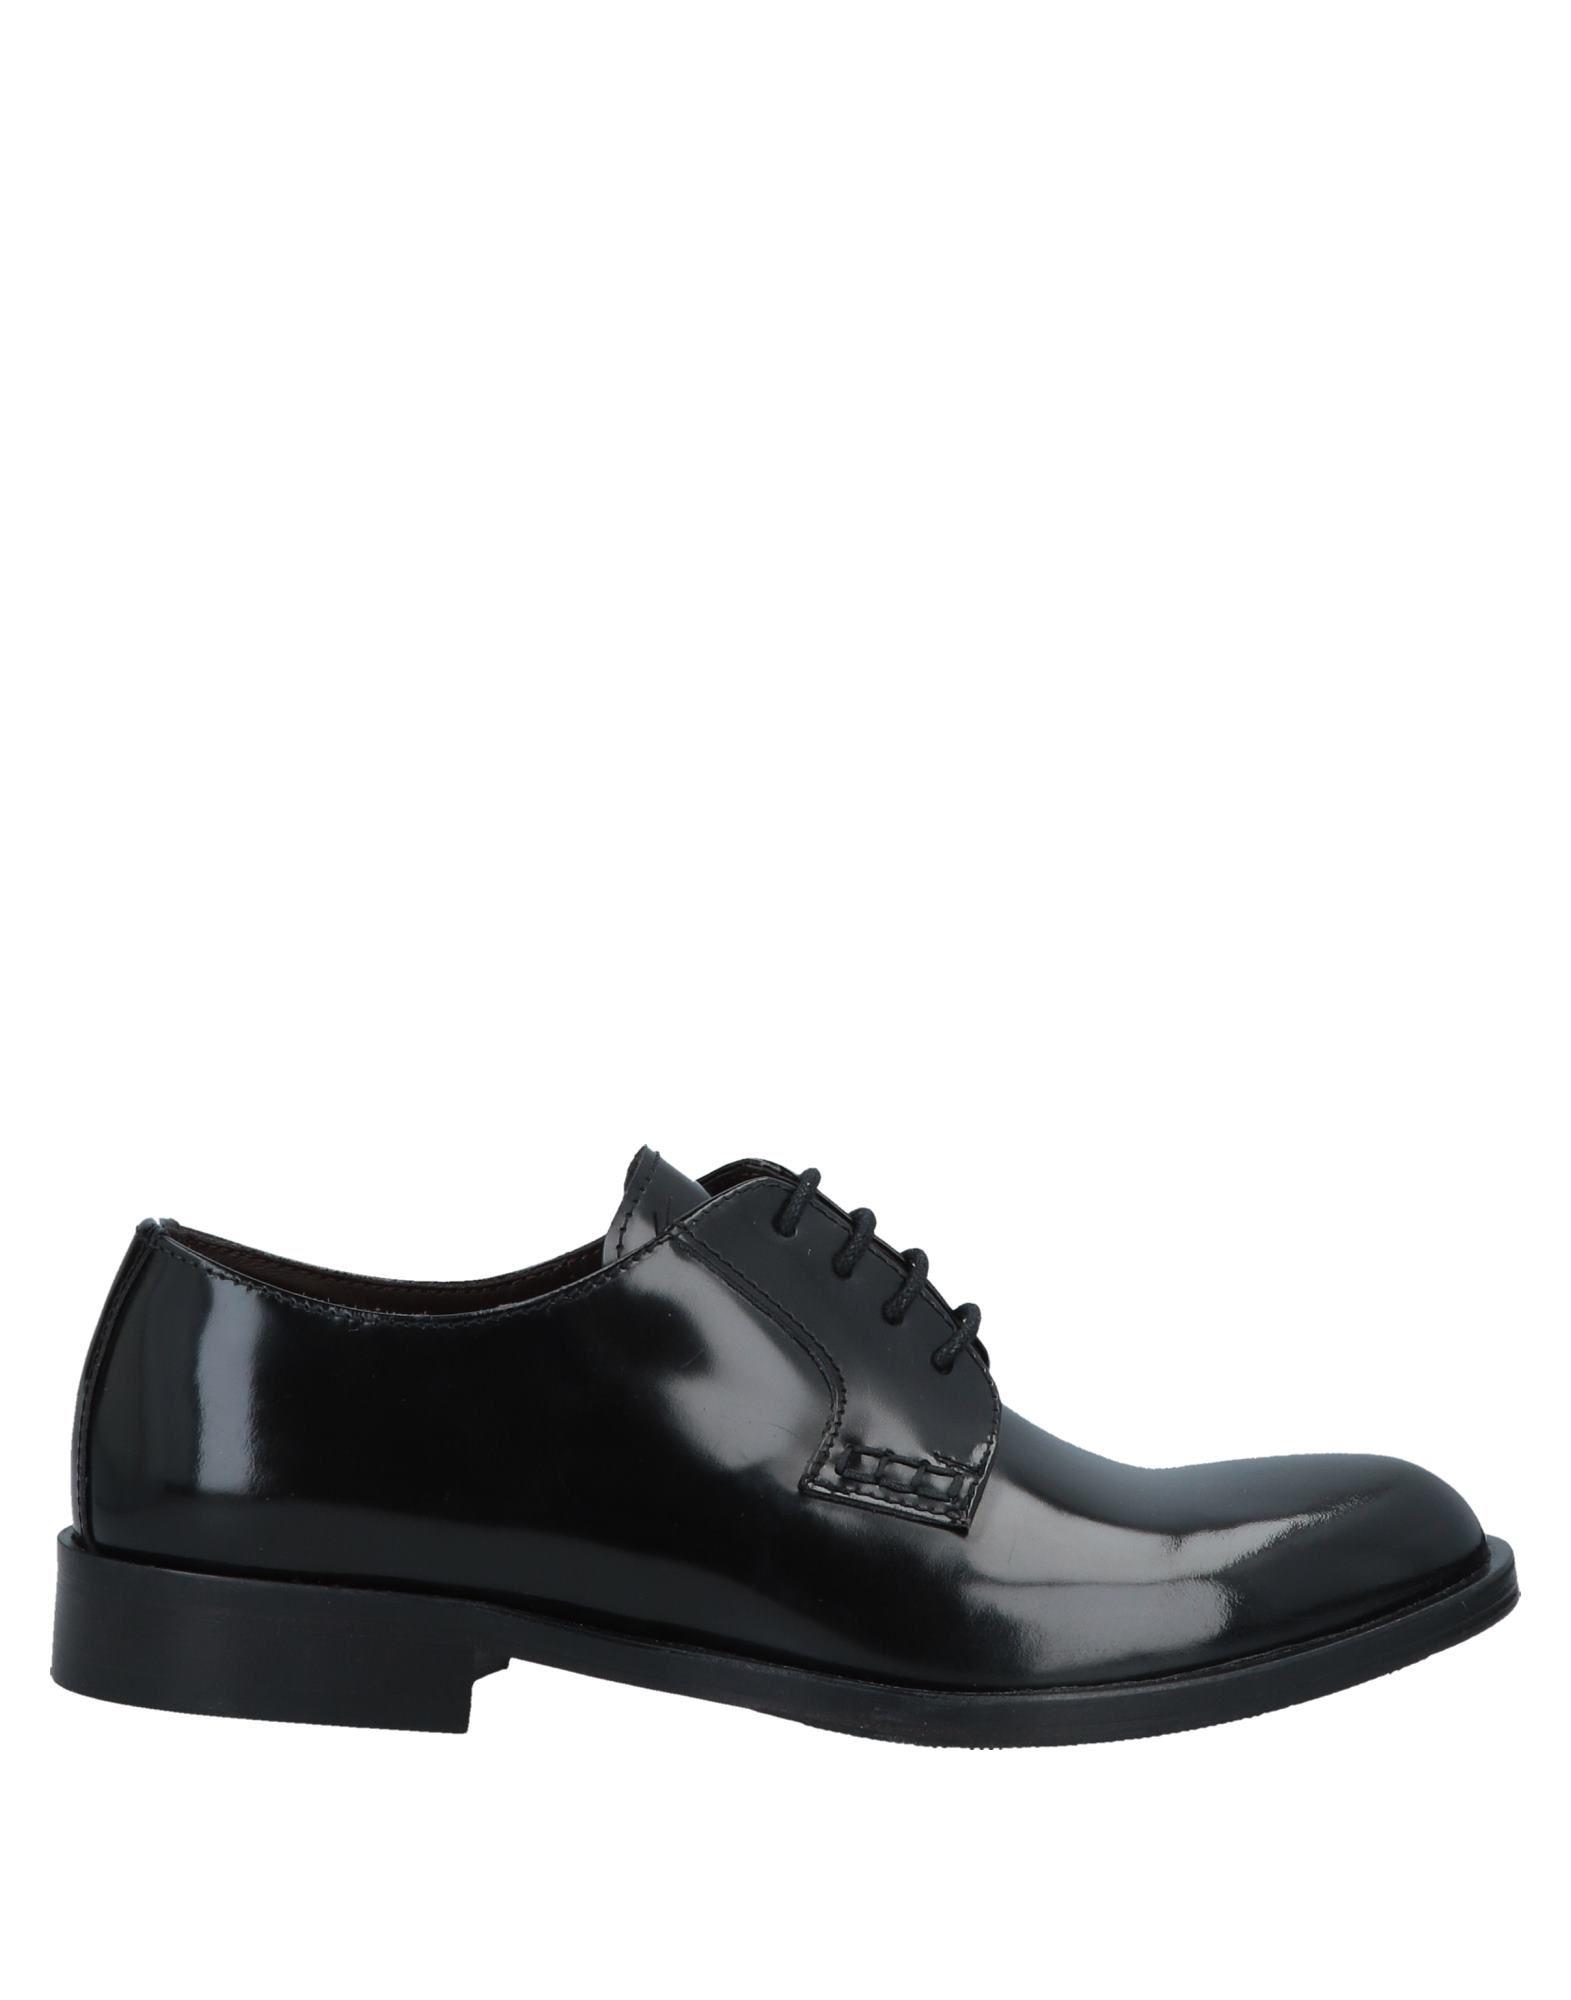 Фото - FRANCO FEDELE Обувь на шнурках franco fedele обувь на шнурках